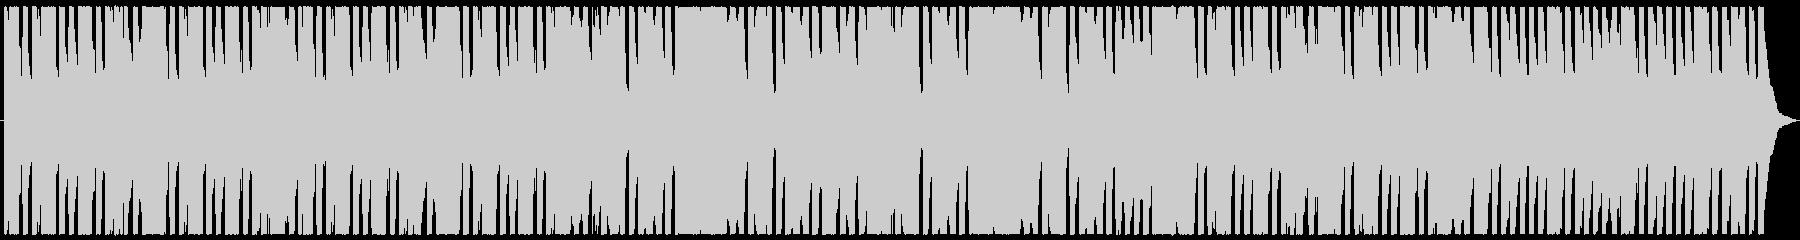 ほのぼのしたフルートと木琴のBGMの未再生の波形